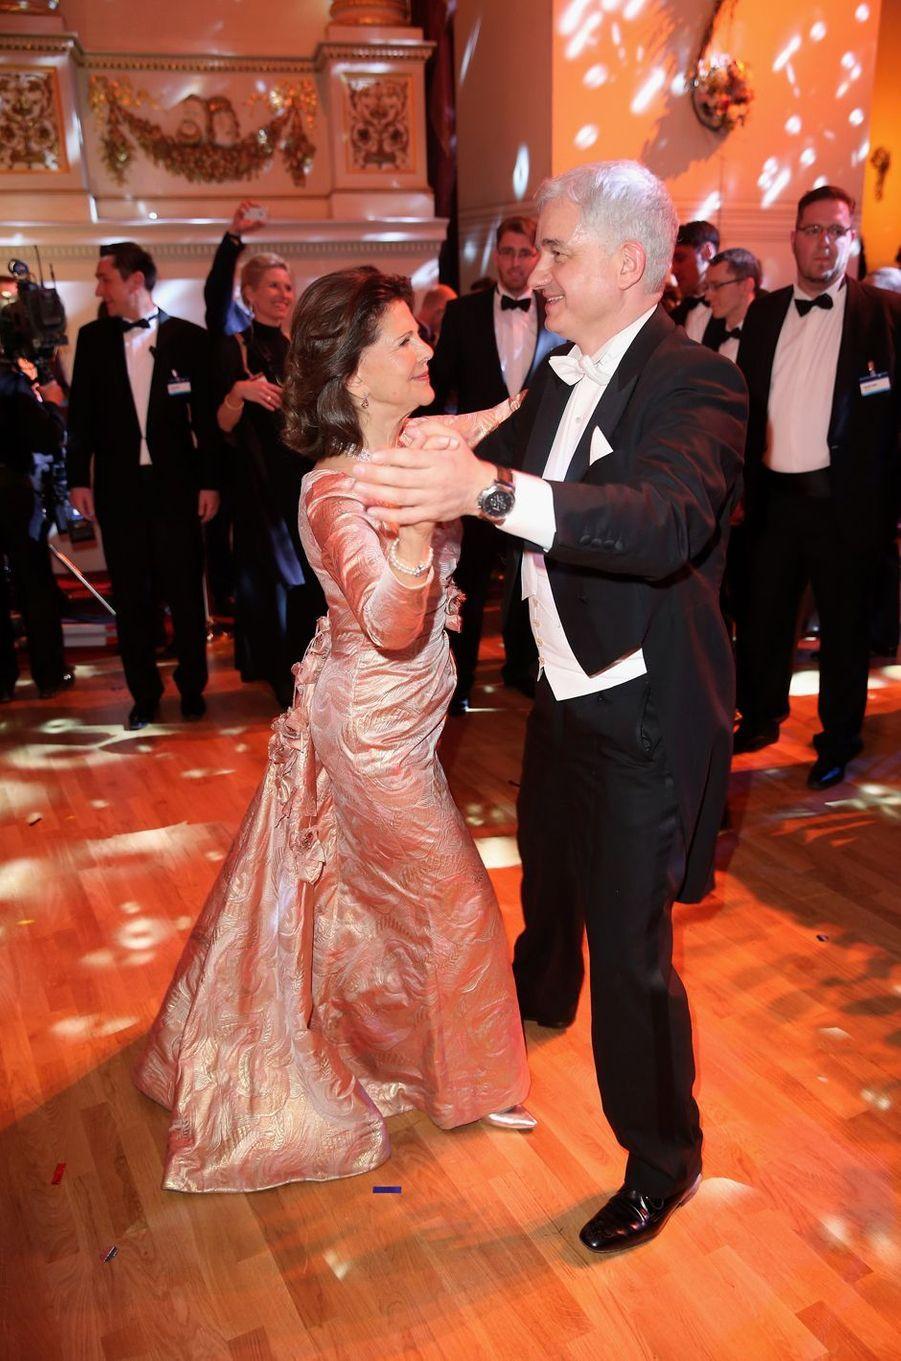 La reine Silvia de Suède dansant avec Hans-Joachim Frey à Dresde en Allemagne, le 7 février 2014